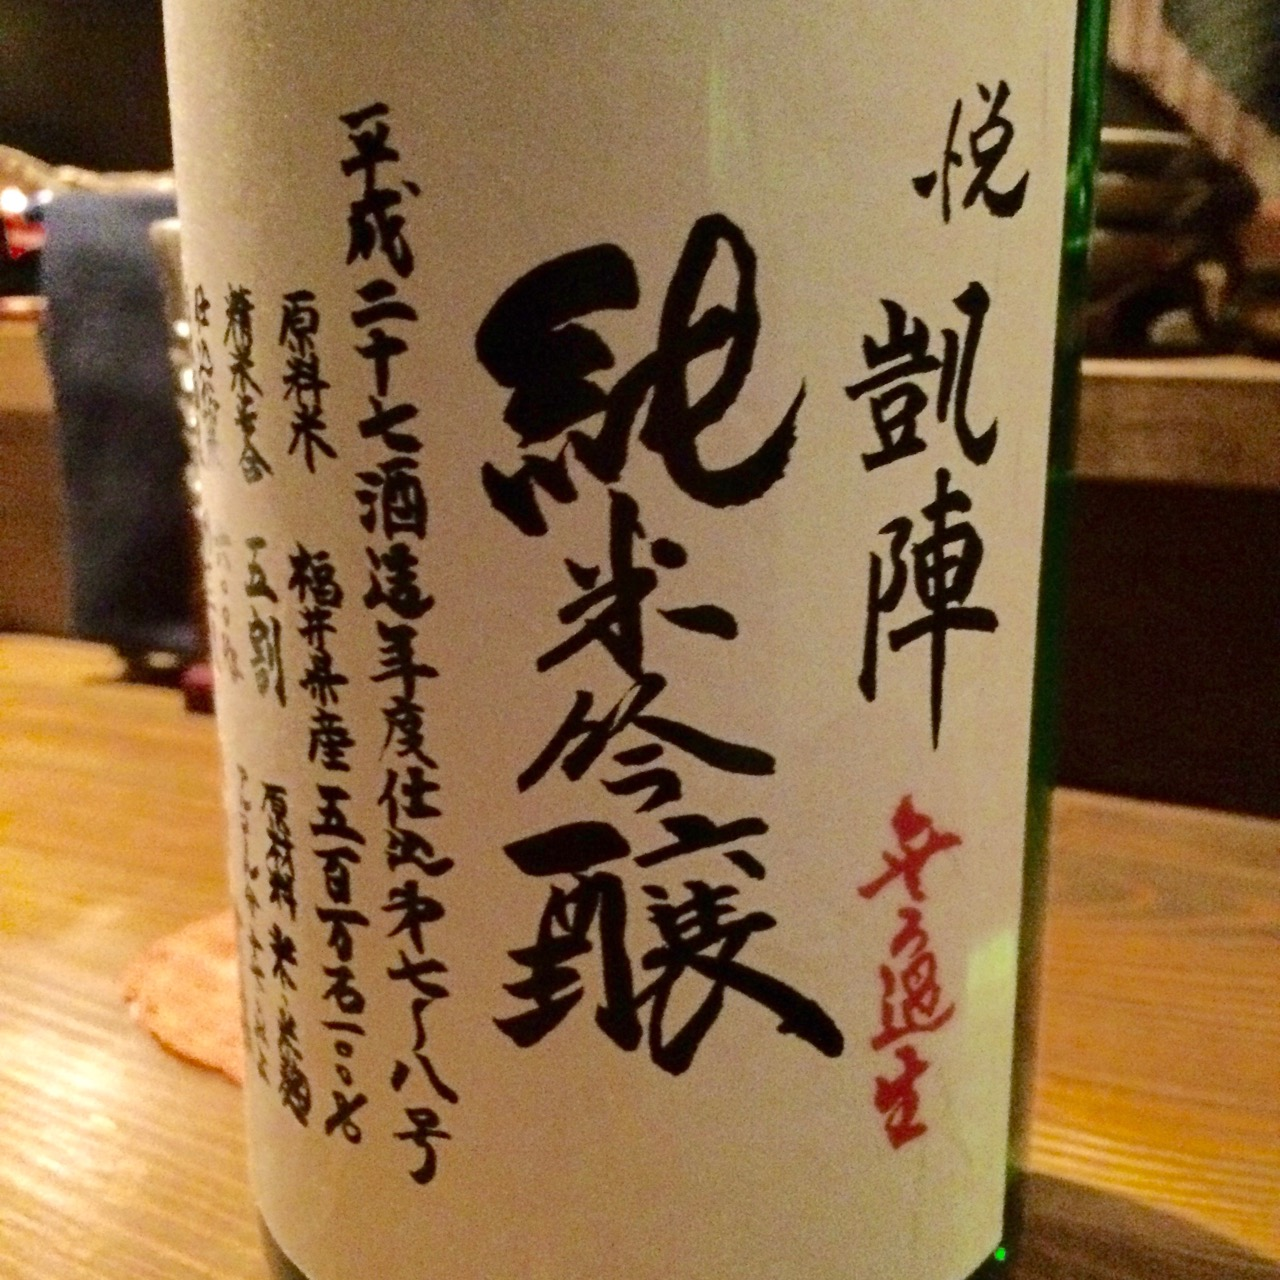 悦凱陣 純米吟醸 五百万石むろか生 27BY|日本酒テイスティングノート